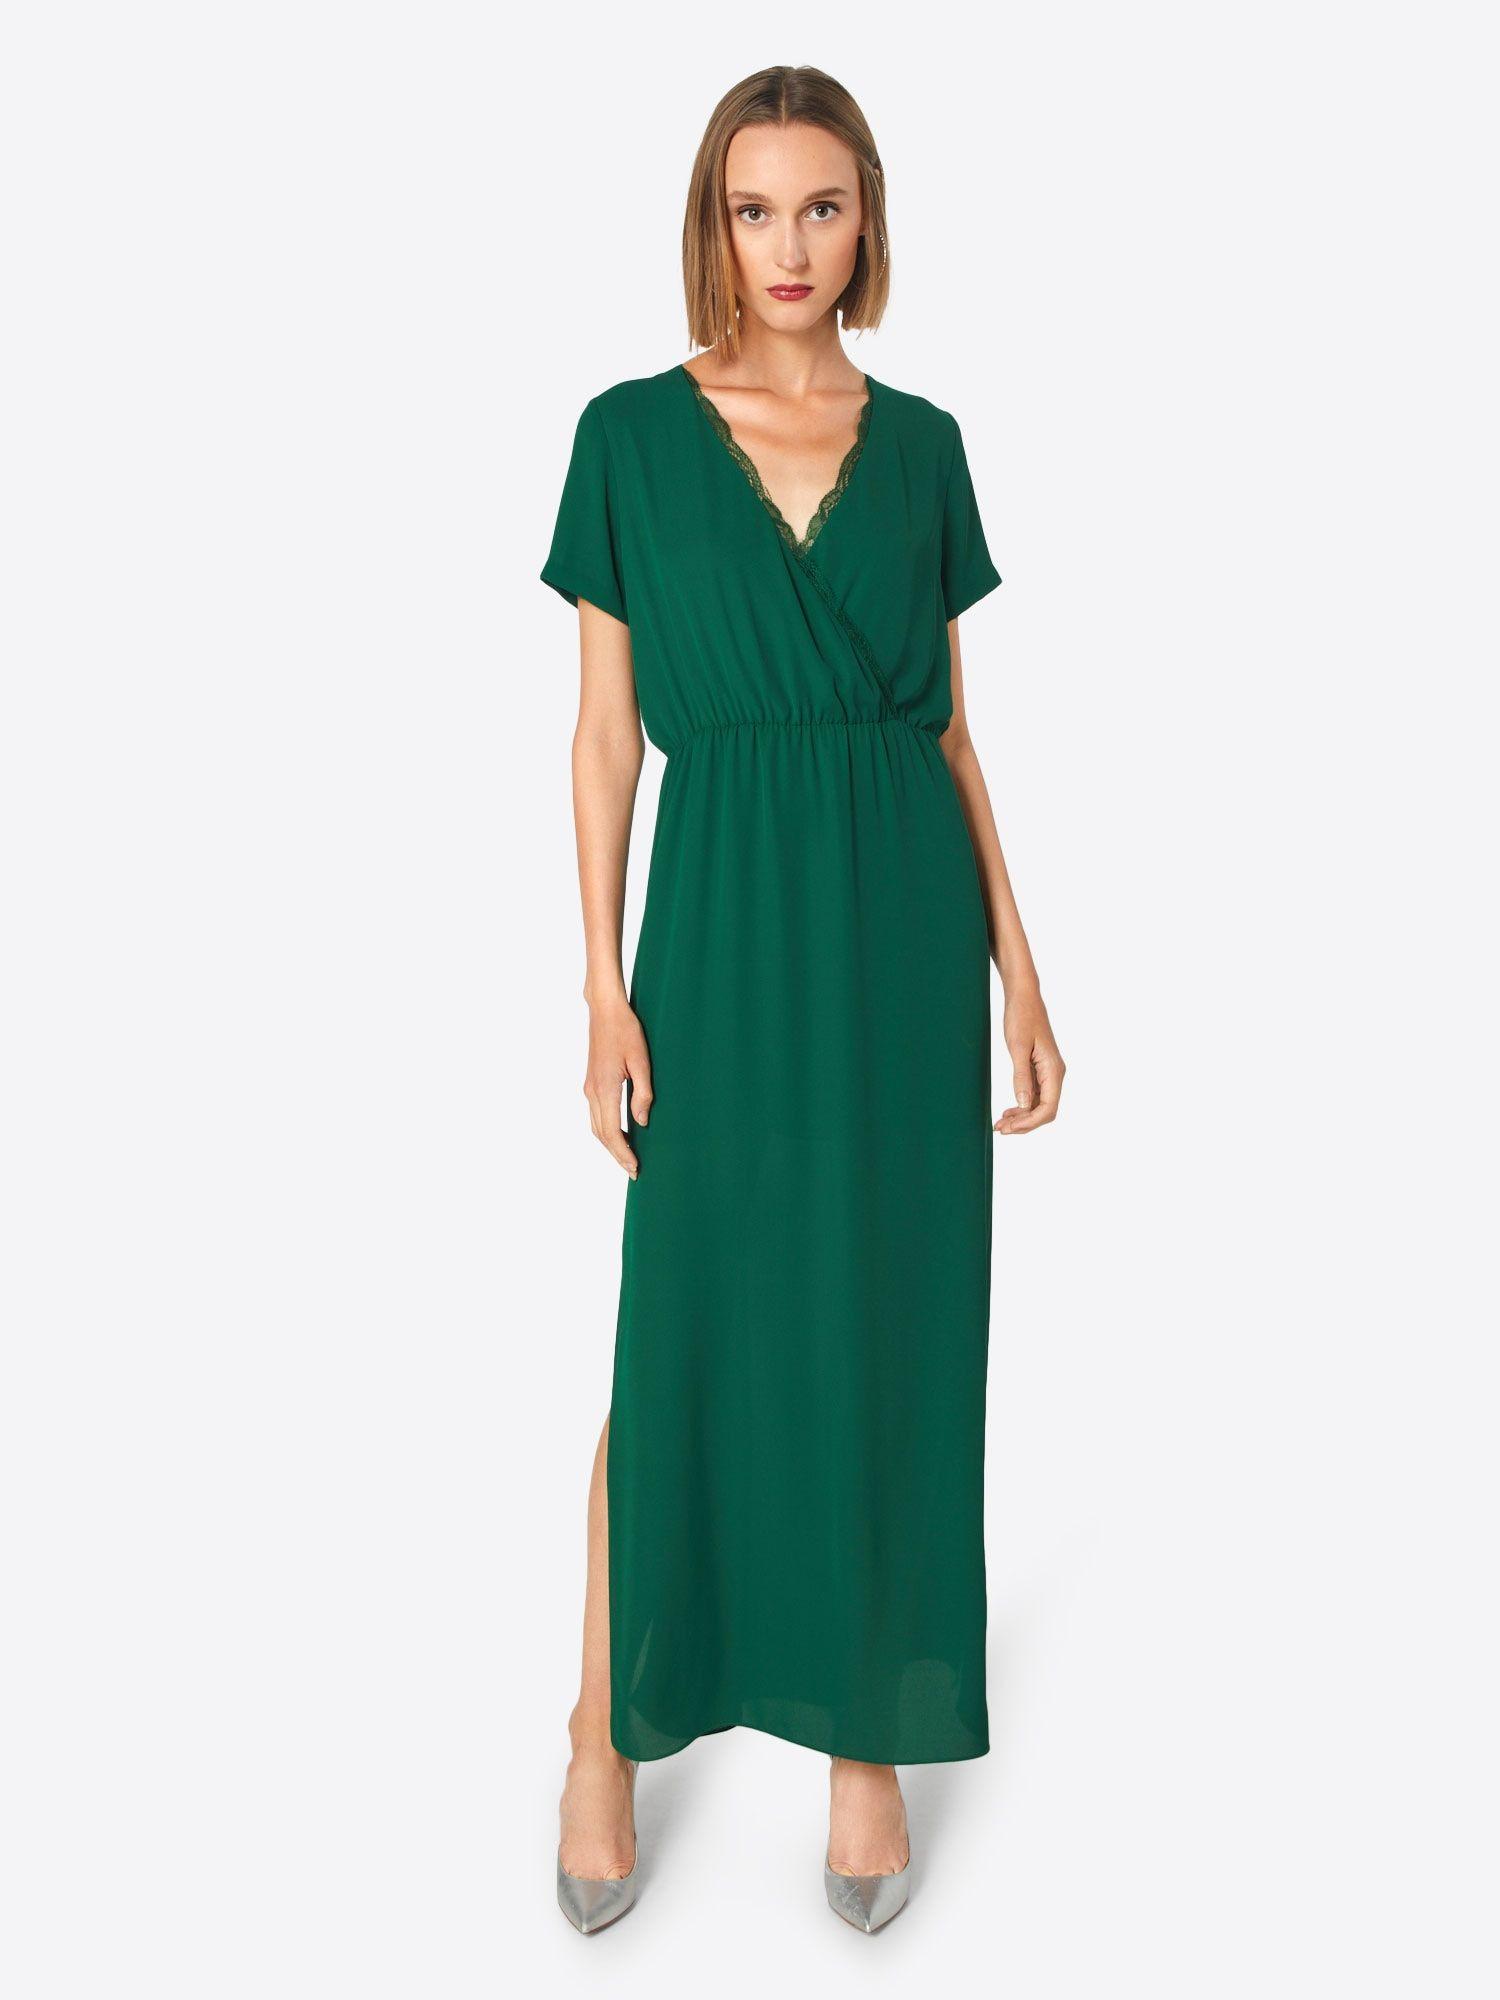 Samsoe Samsoe Kleid Damen, Grün, Größe 18  Kleider, Kleid mit